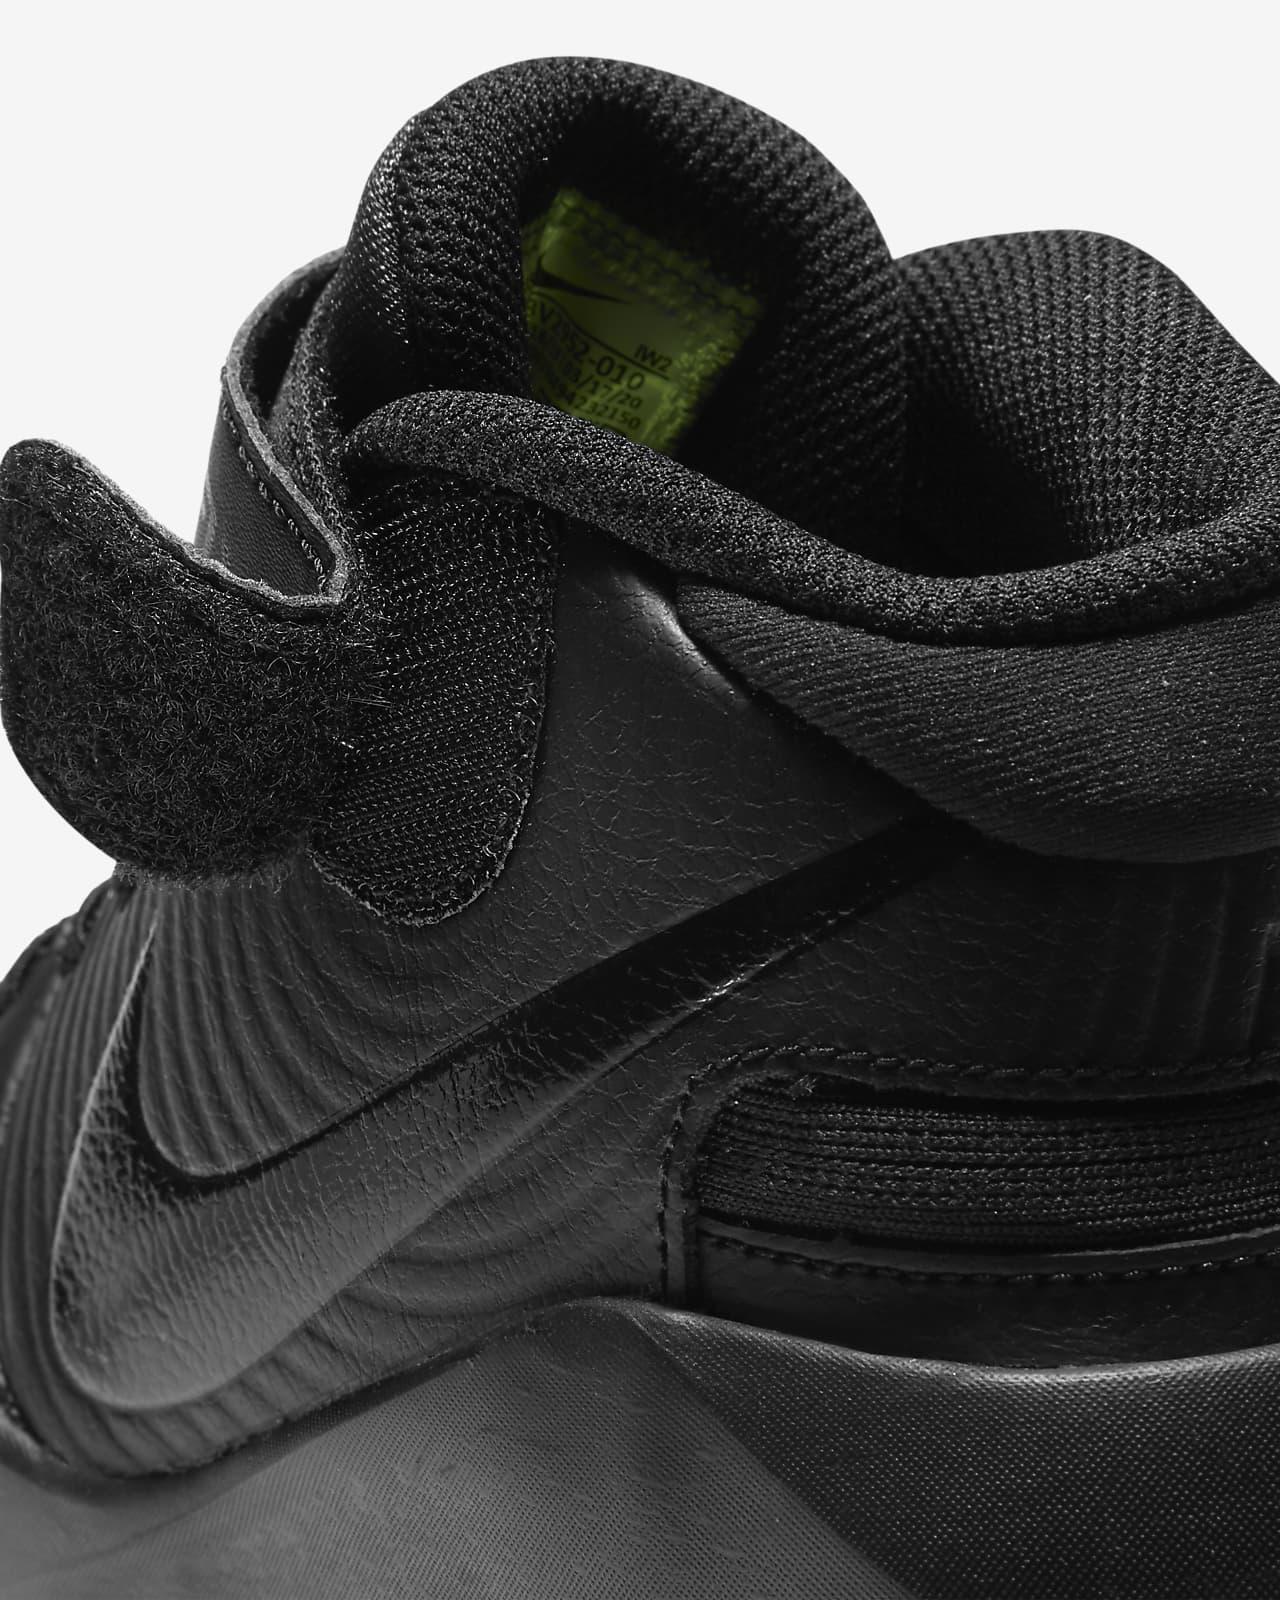 chaussures noires pour enfant dans 9 ans nike